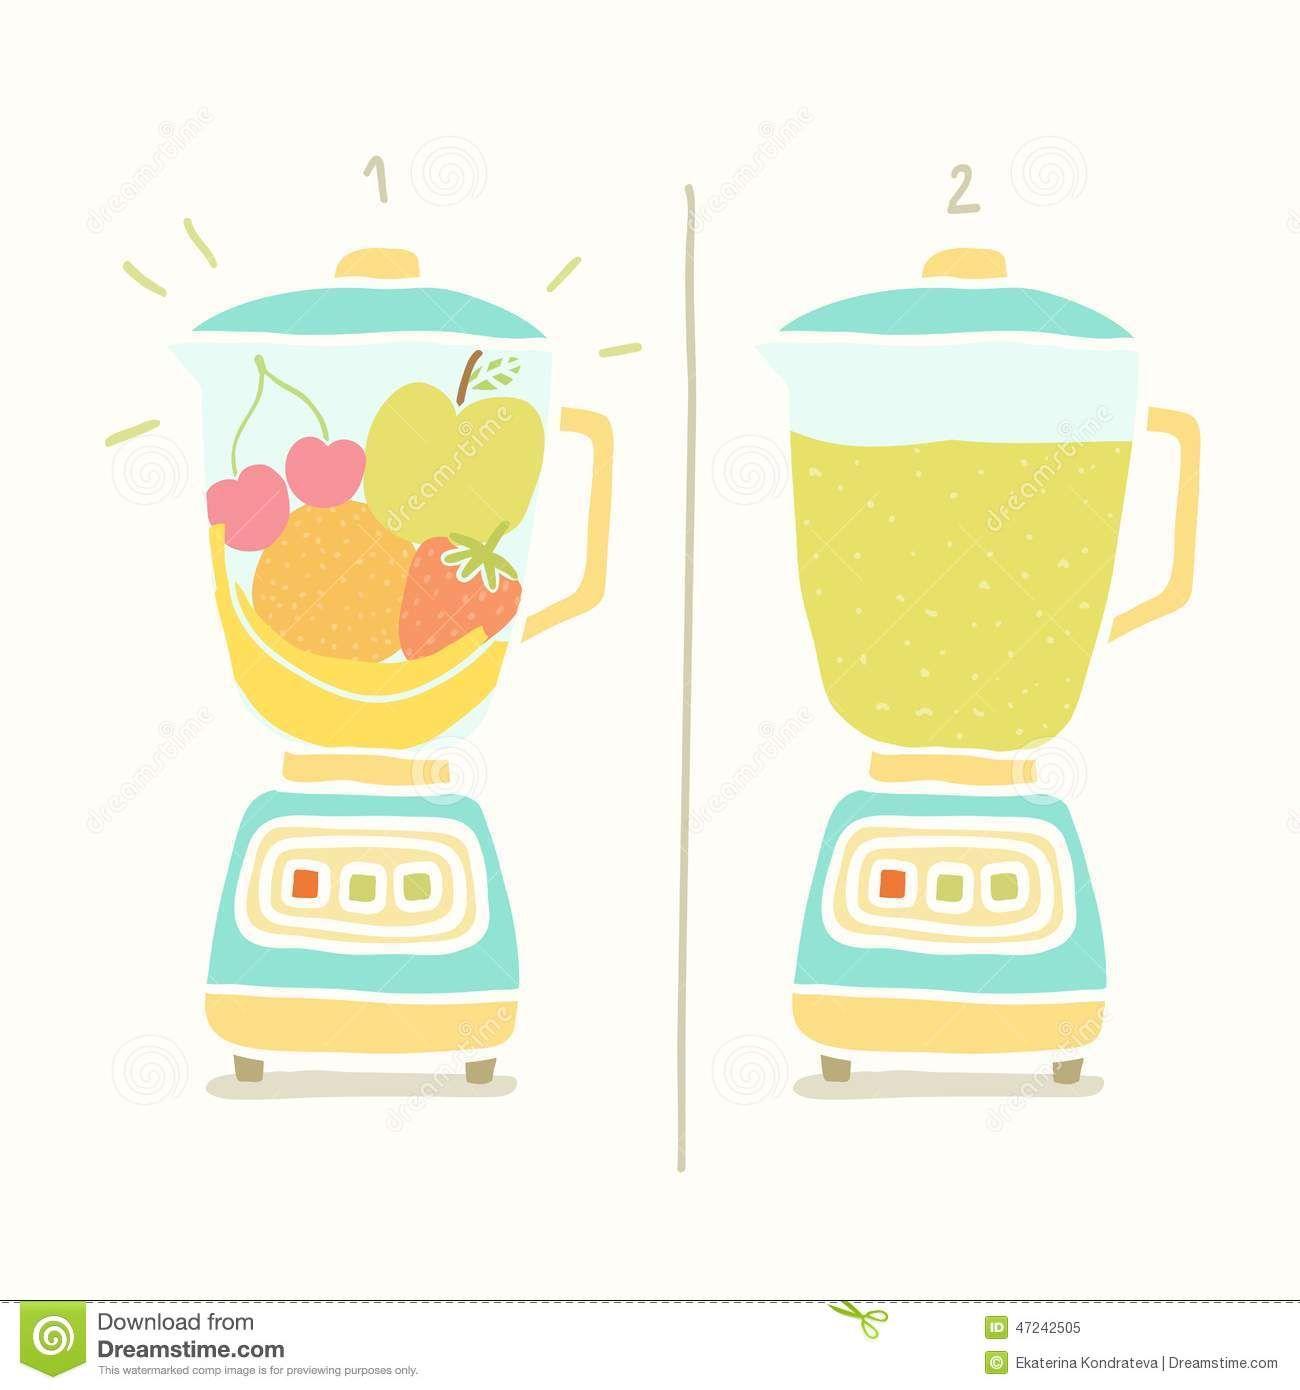 Blender clipart milkshake. Making fruit smoothie vector